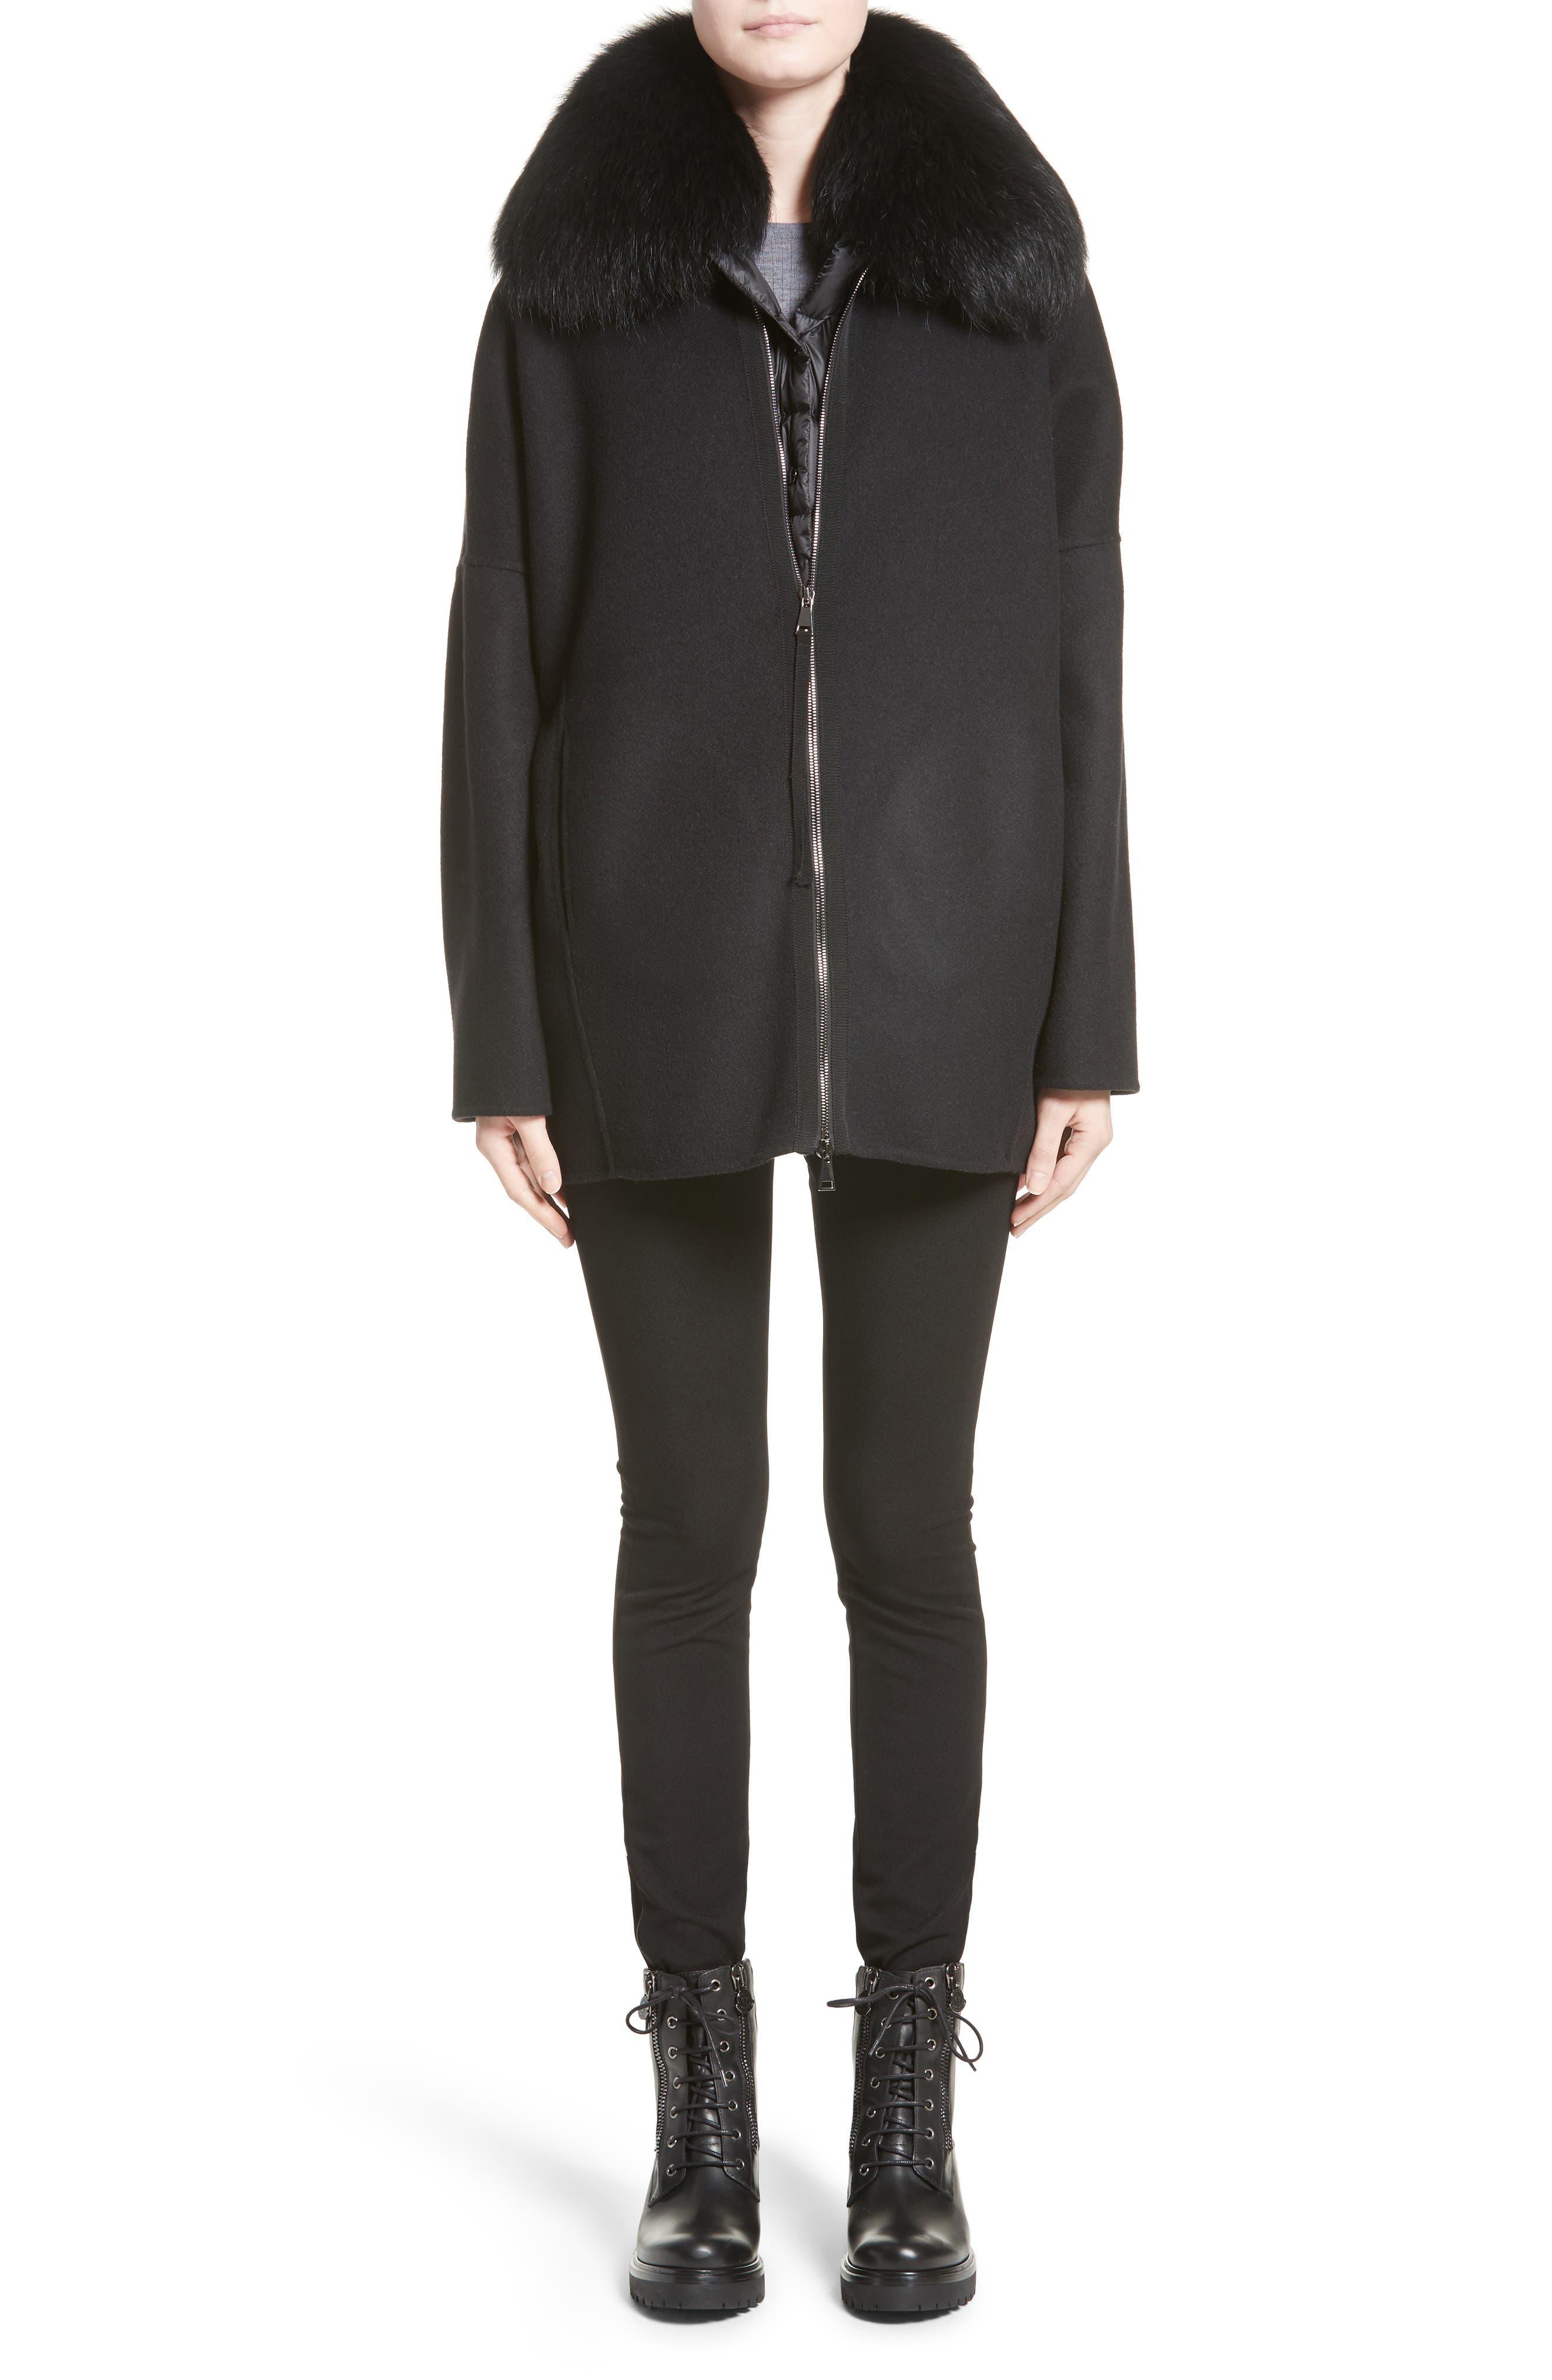 Buxus Wool & Cashmere Coat with Removable Genuine Fox Fur Trim Vest,                             Alternate thumbnail 7, color,                             001